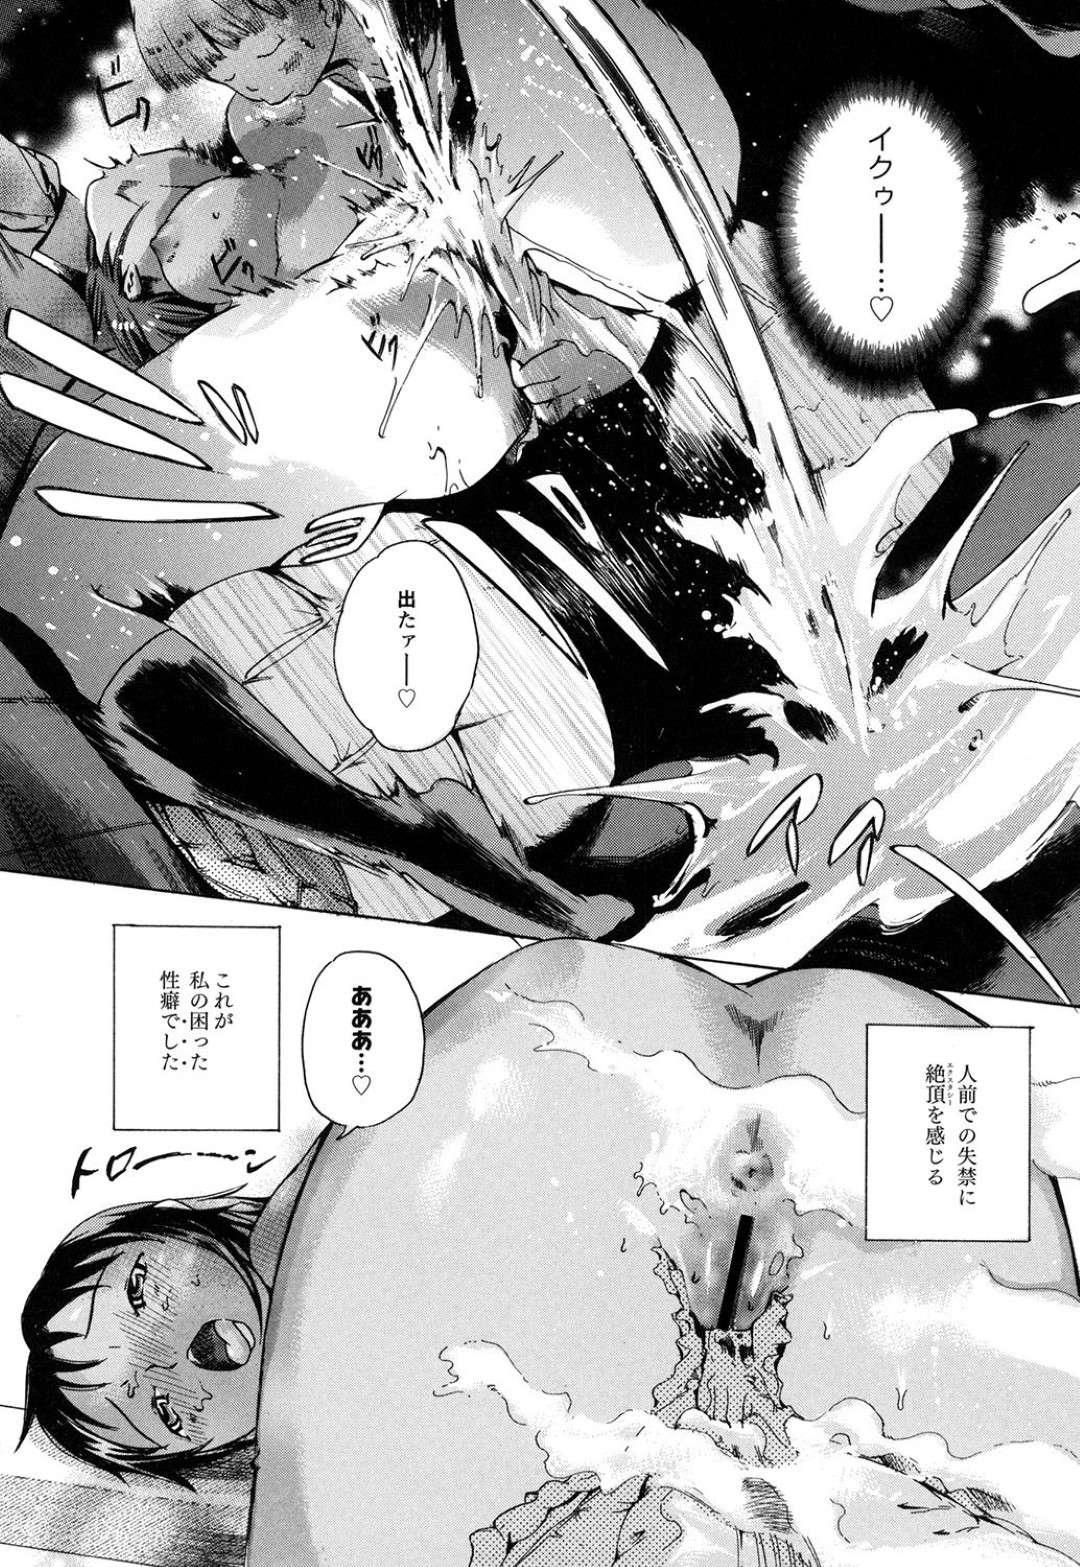 【エロ漫画】男友達と乱交セックスするようになったムチムチ清楚娘…肉便器のようにされるがままな彼女はフェラさせられたり、パイズリさせられたりした挙げ句、膣とアナルで二穴挿入セックスさせられるのだった。【DEN助:欲張りな肉体】